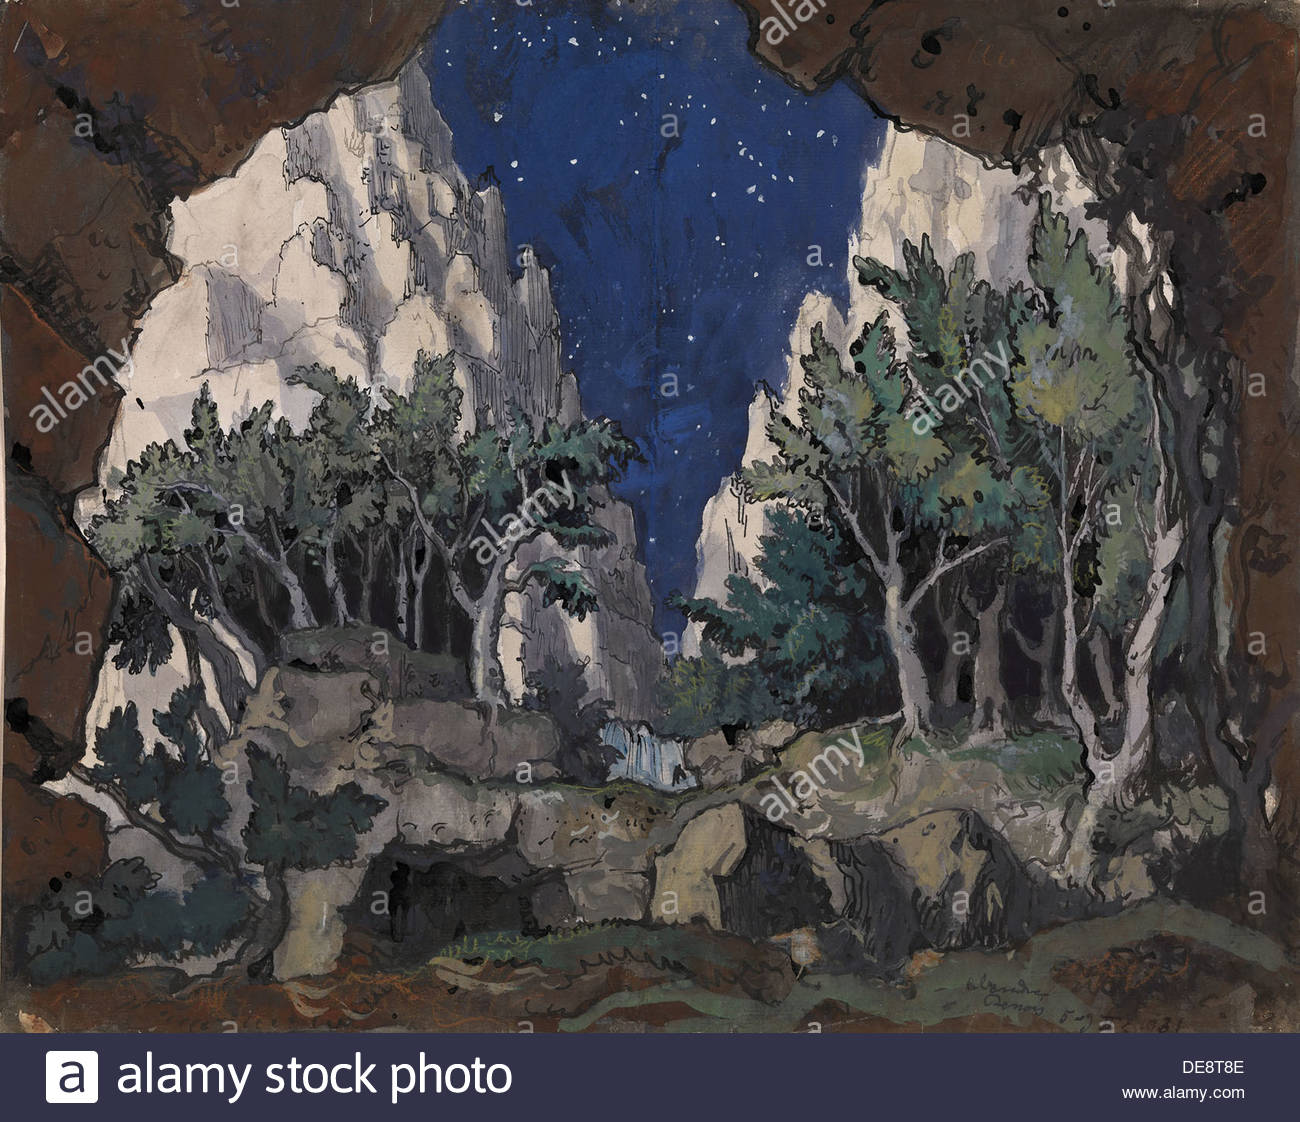 Bühnenbild für die Oper Alcina von George Frideric Handel, 1931. Künstler: Benois, Alexander Nikolajewitsch (1870-1960) Stockbild